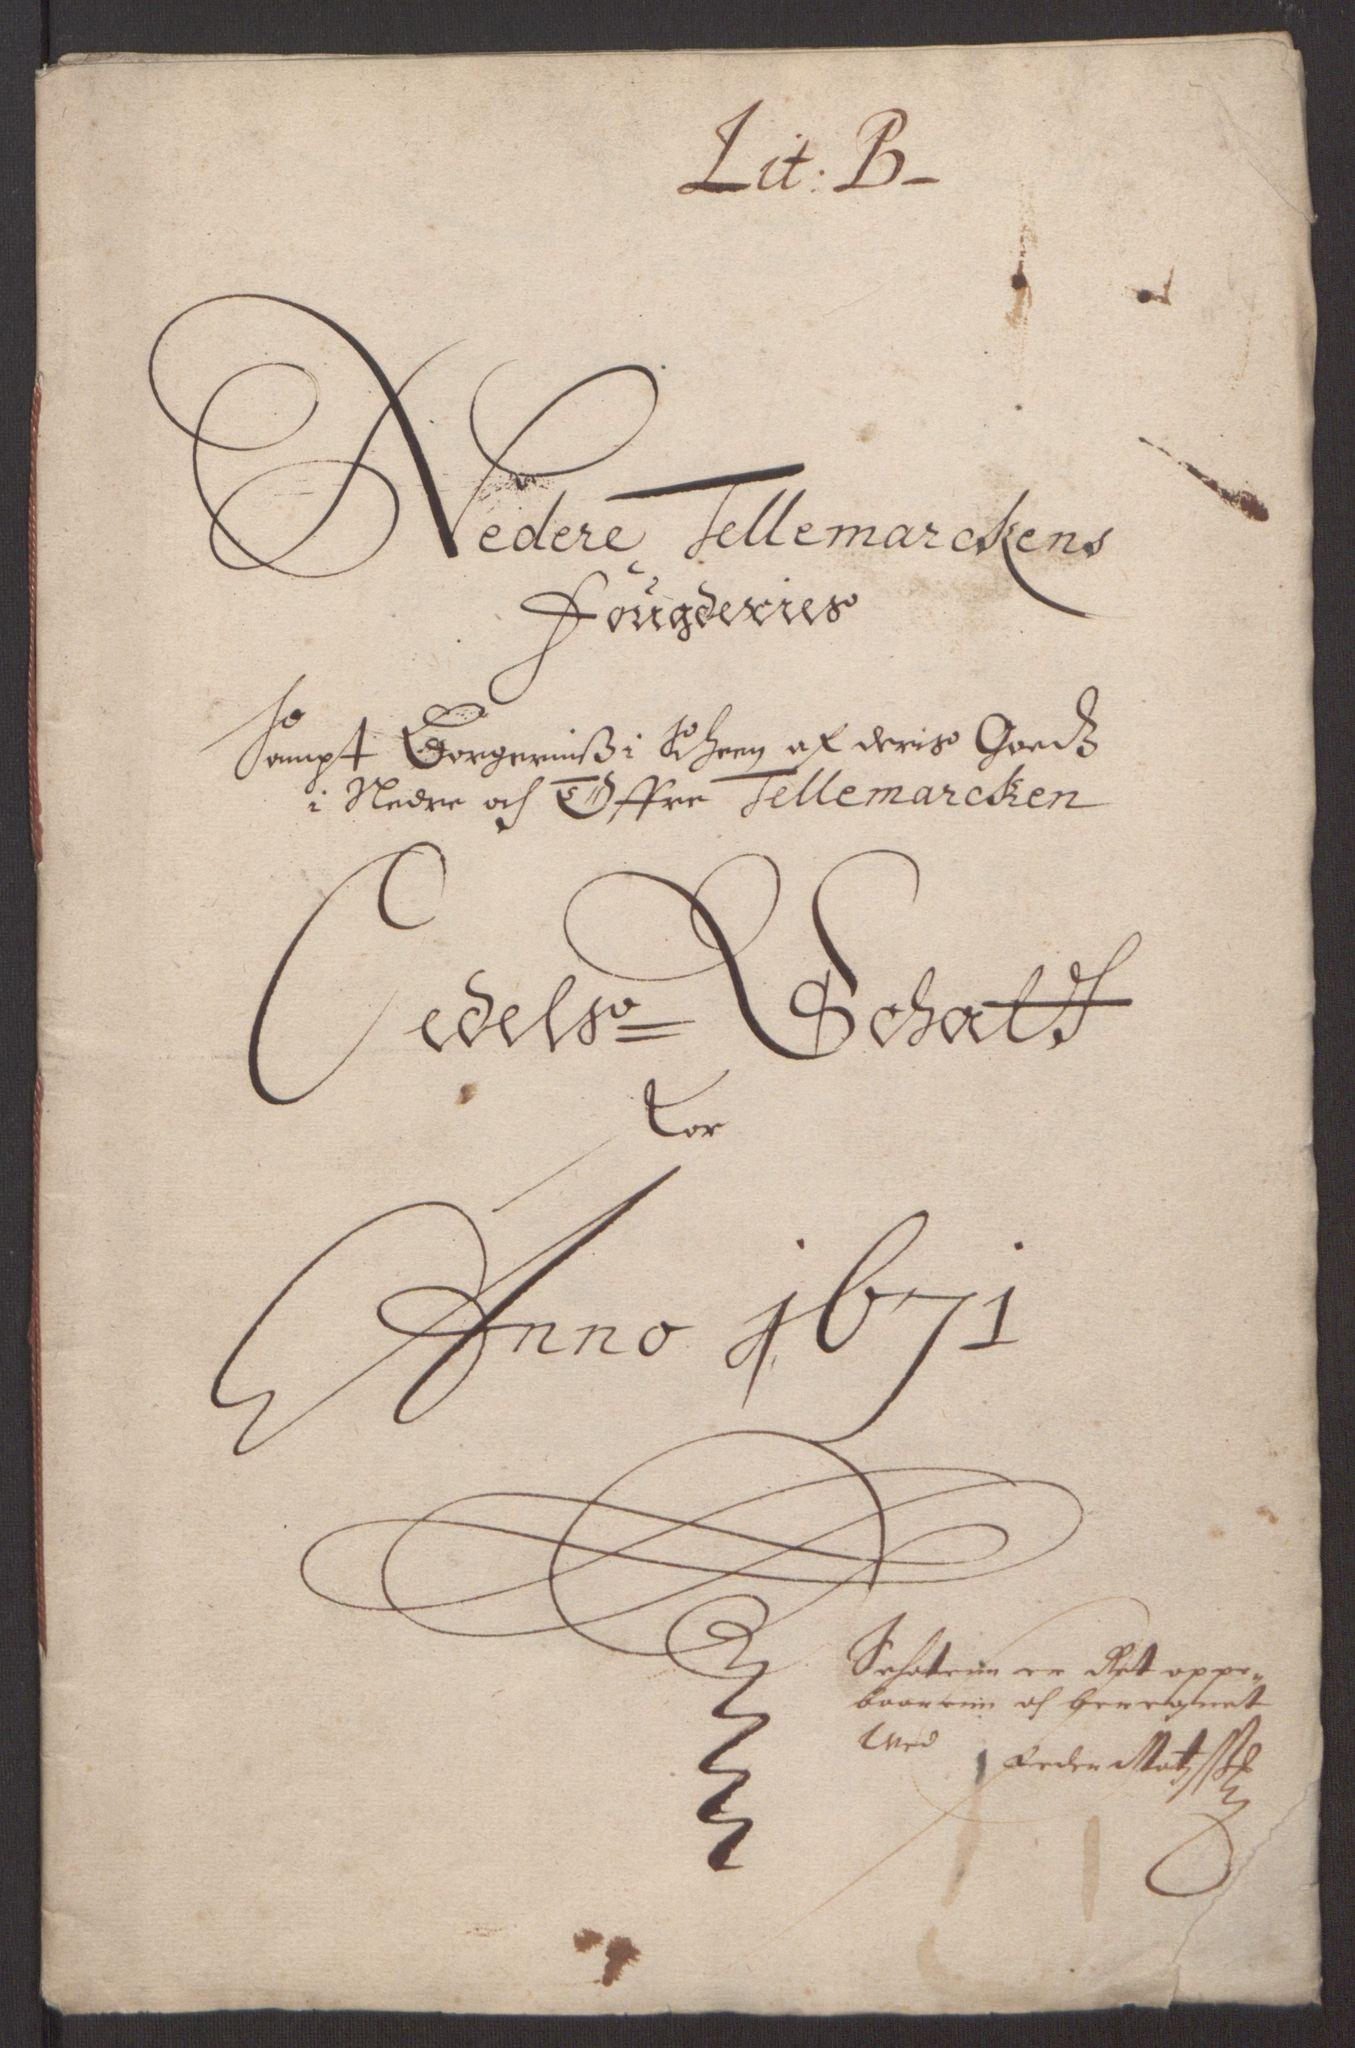 RA, Rentekammeret inntil 1814, Reviderte regnskaper, Fogderegnskap, R35/L2060: Fogderegnskap Øvre og Nedre Telemark, 1671-1672, s. 154